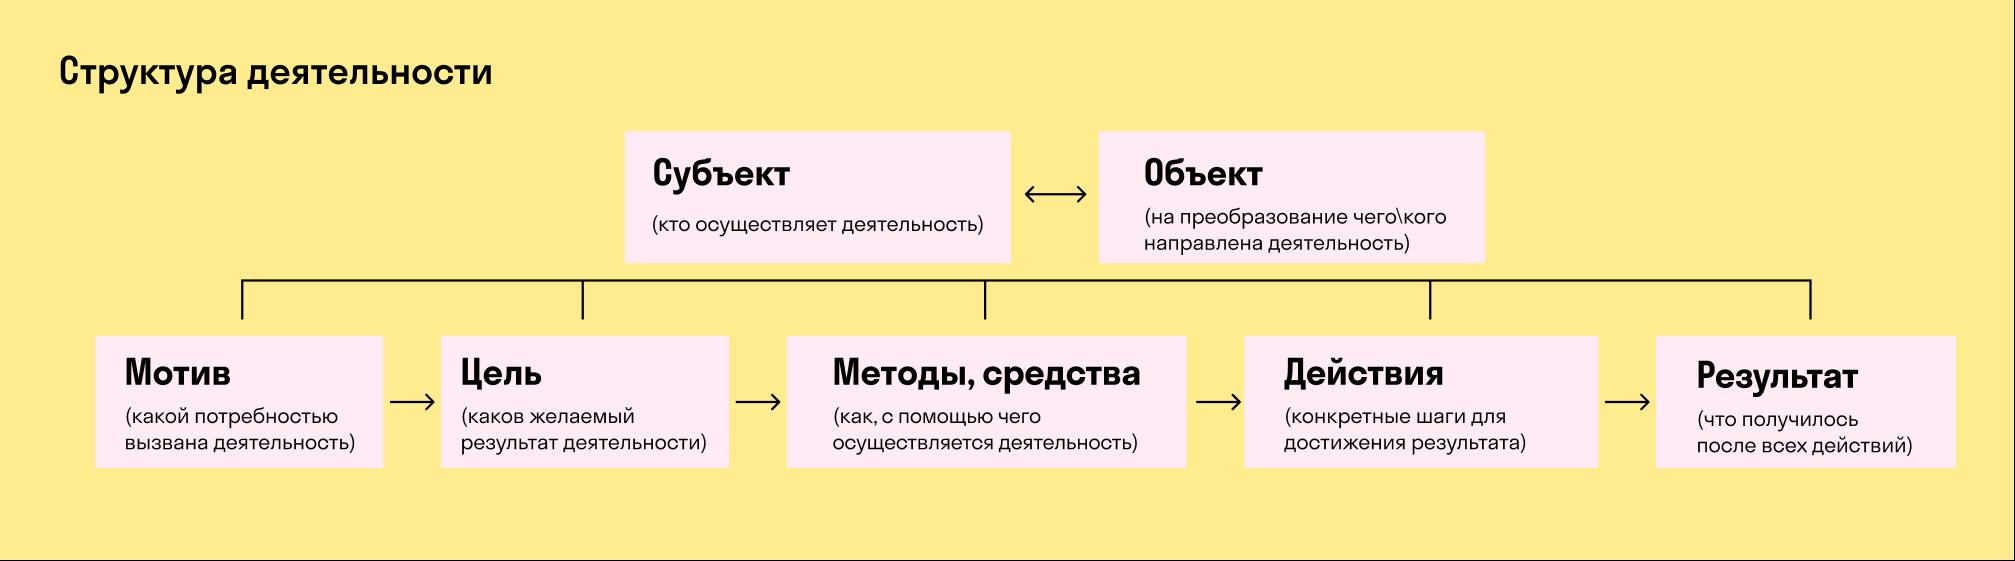 Структура деятельности человека